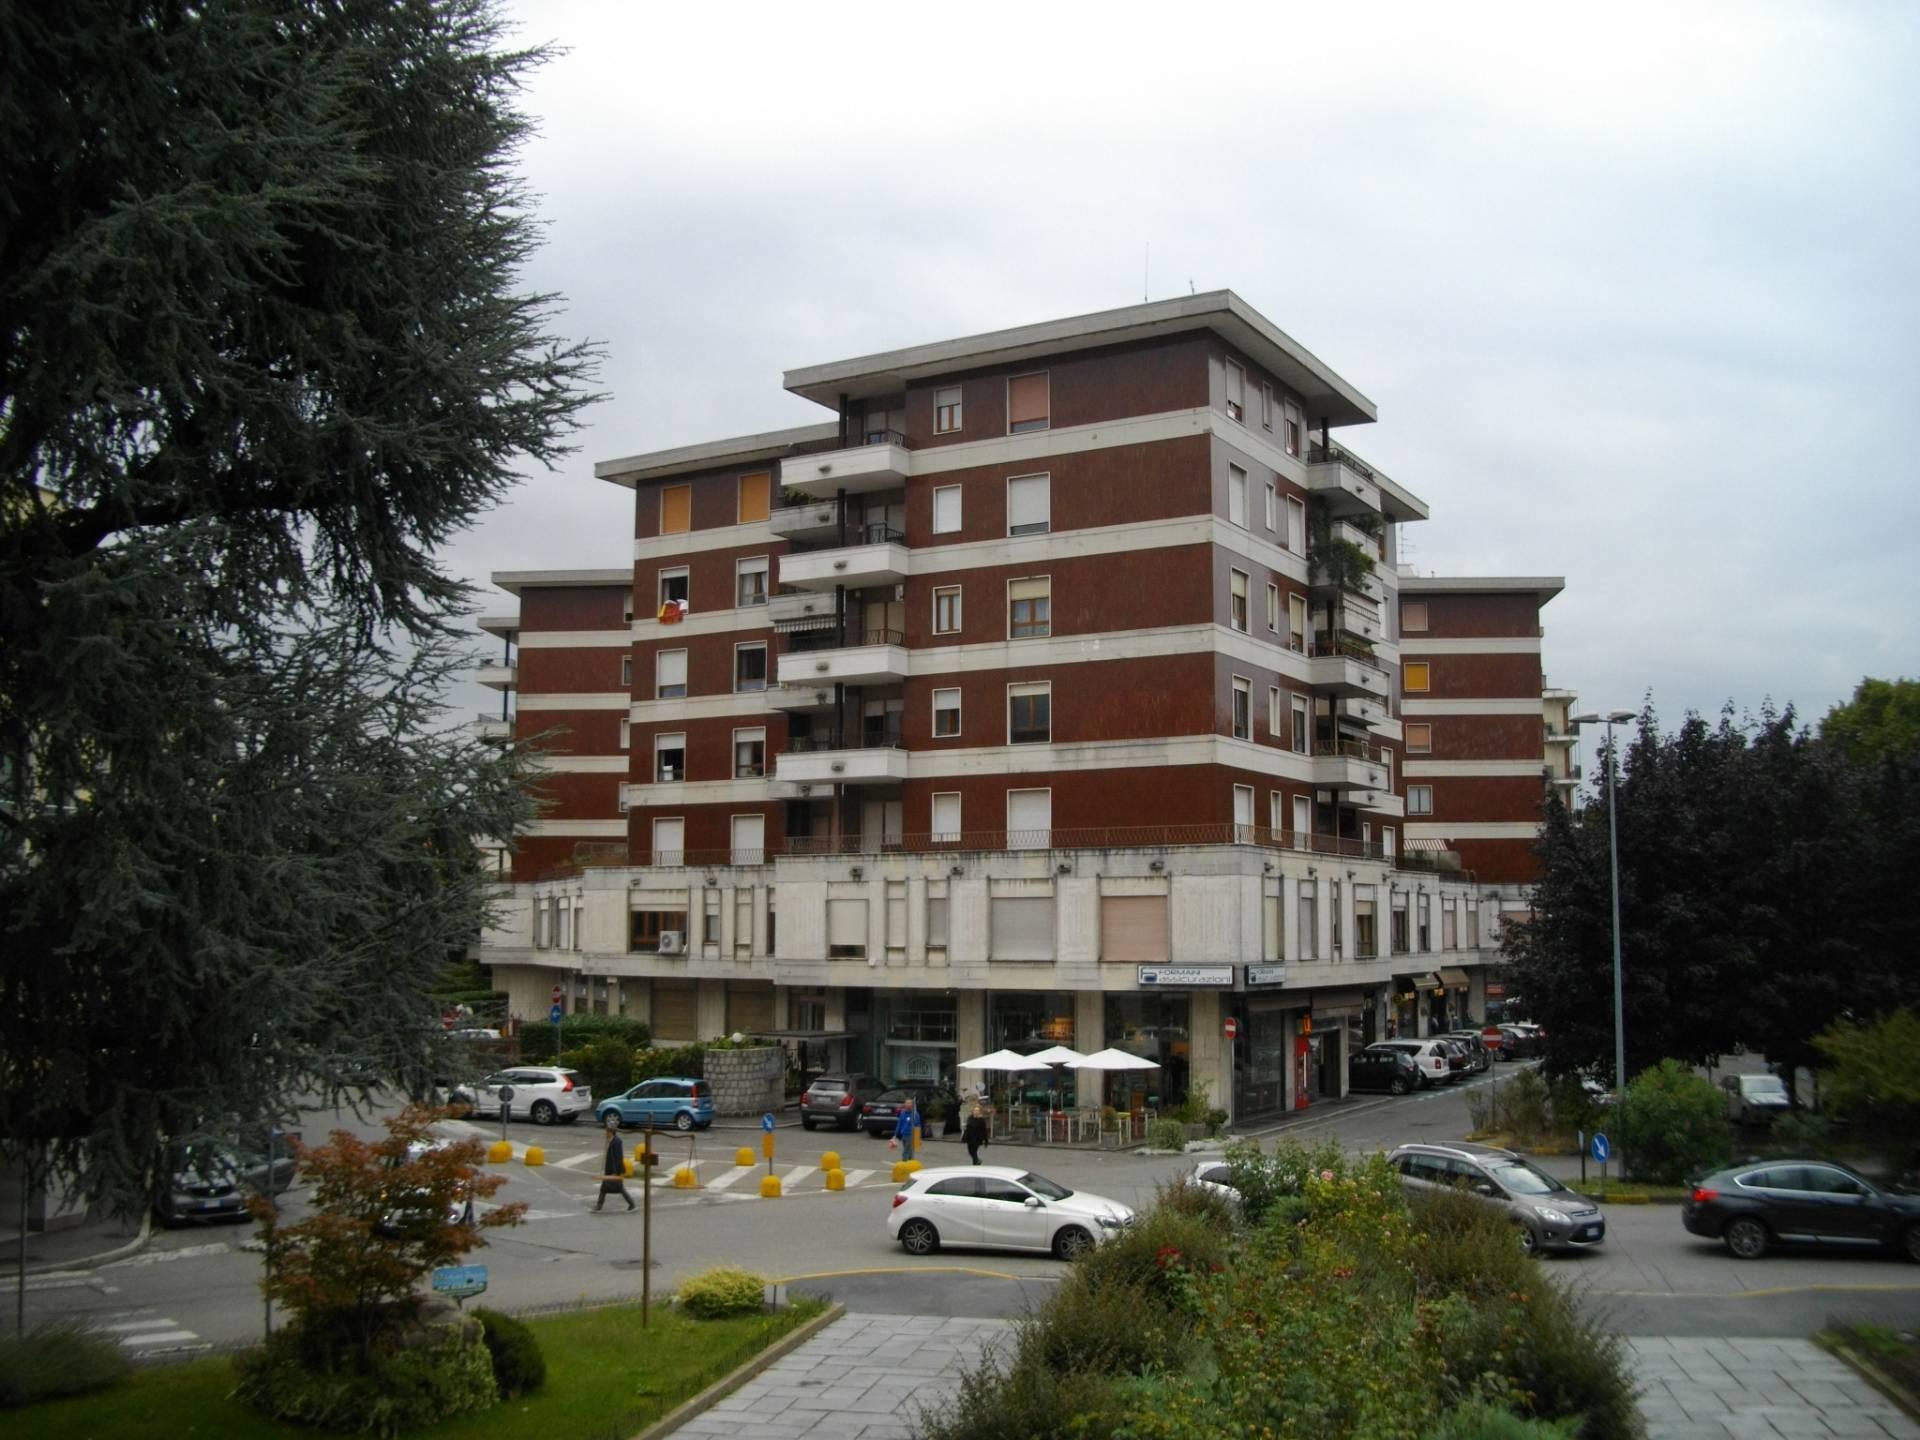 Ufficio / Studio in affitto a Busto Arsizio, 9999 locali, zona Località: Tribunale, prezzo € 250 | CambioCasa.it